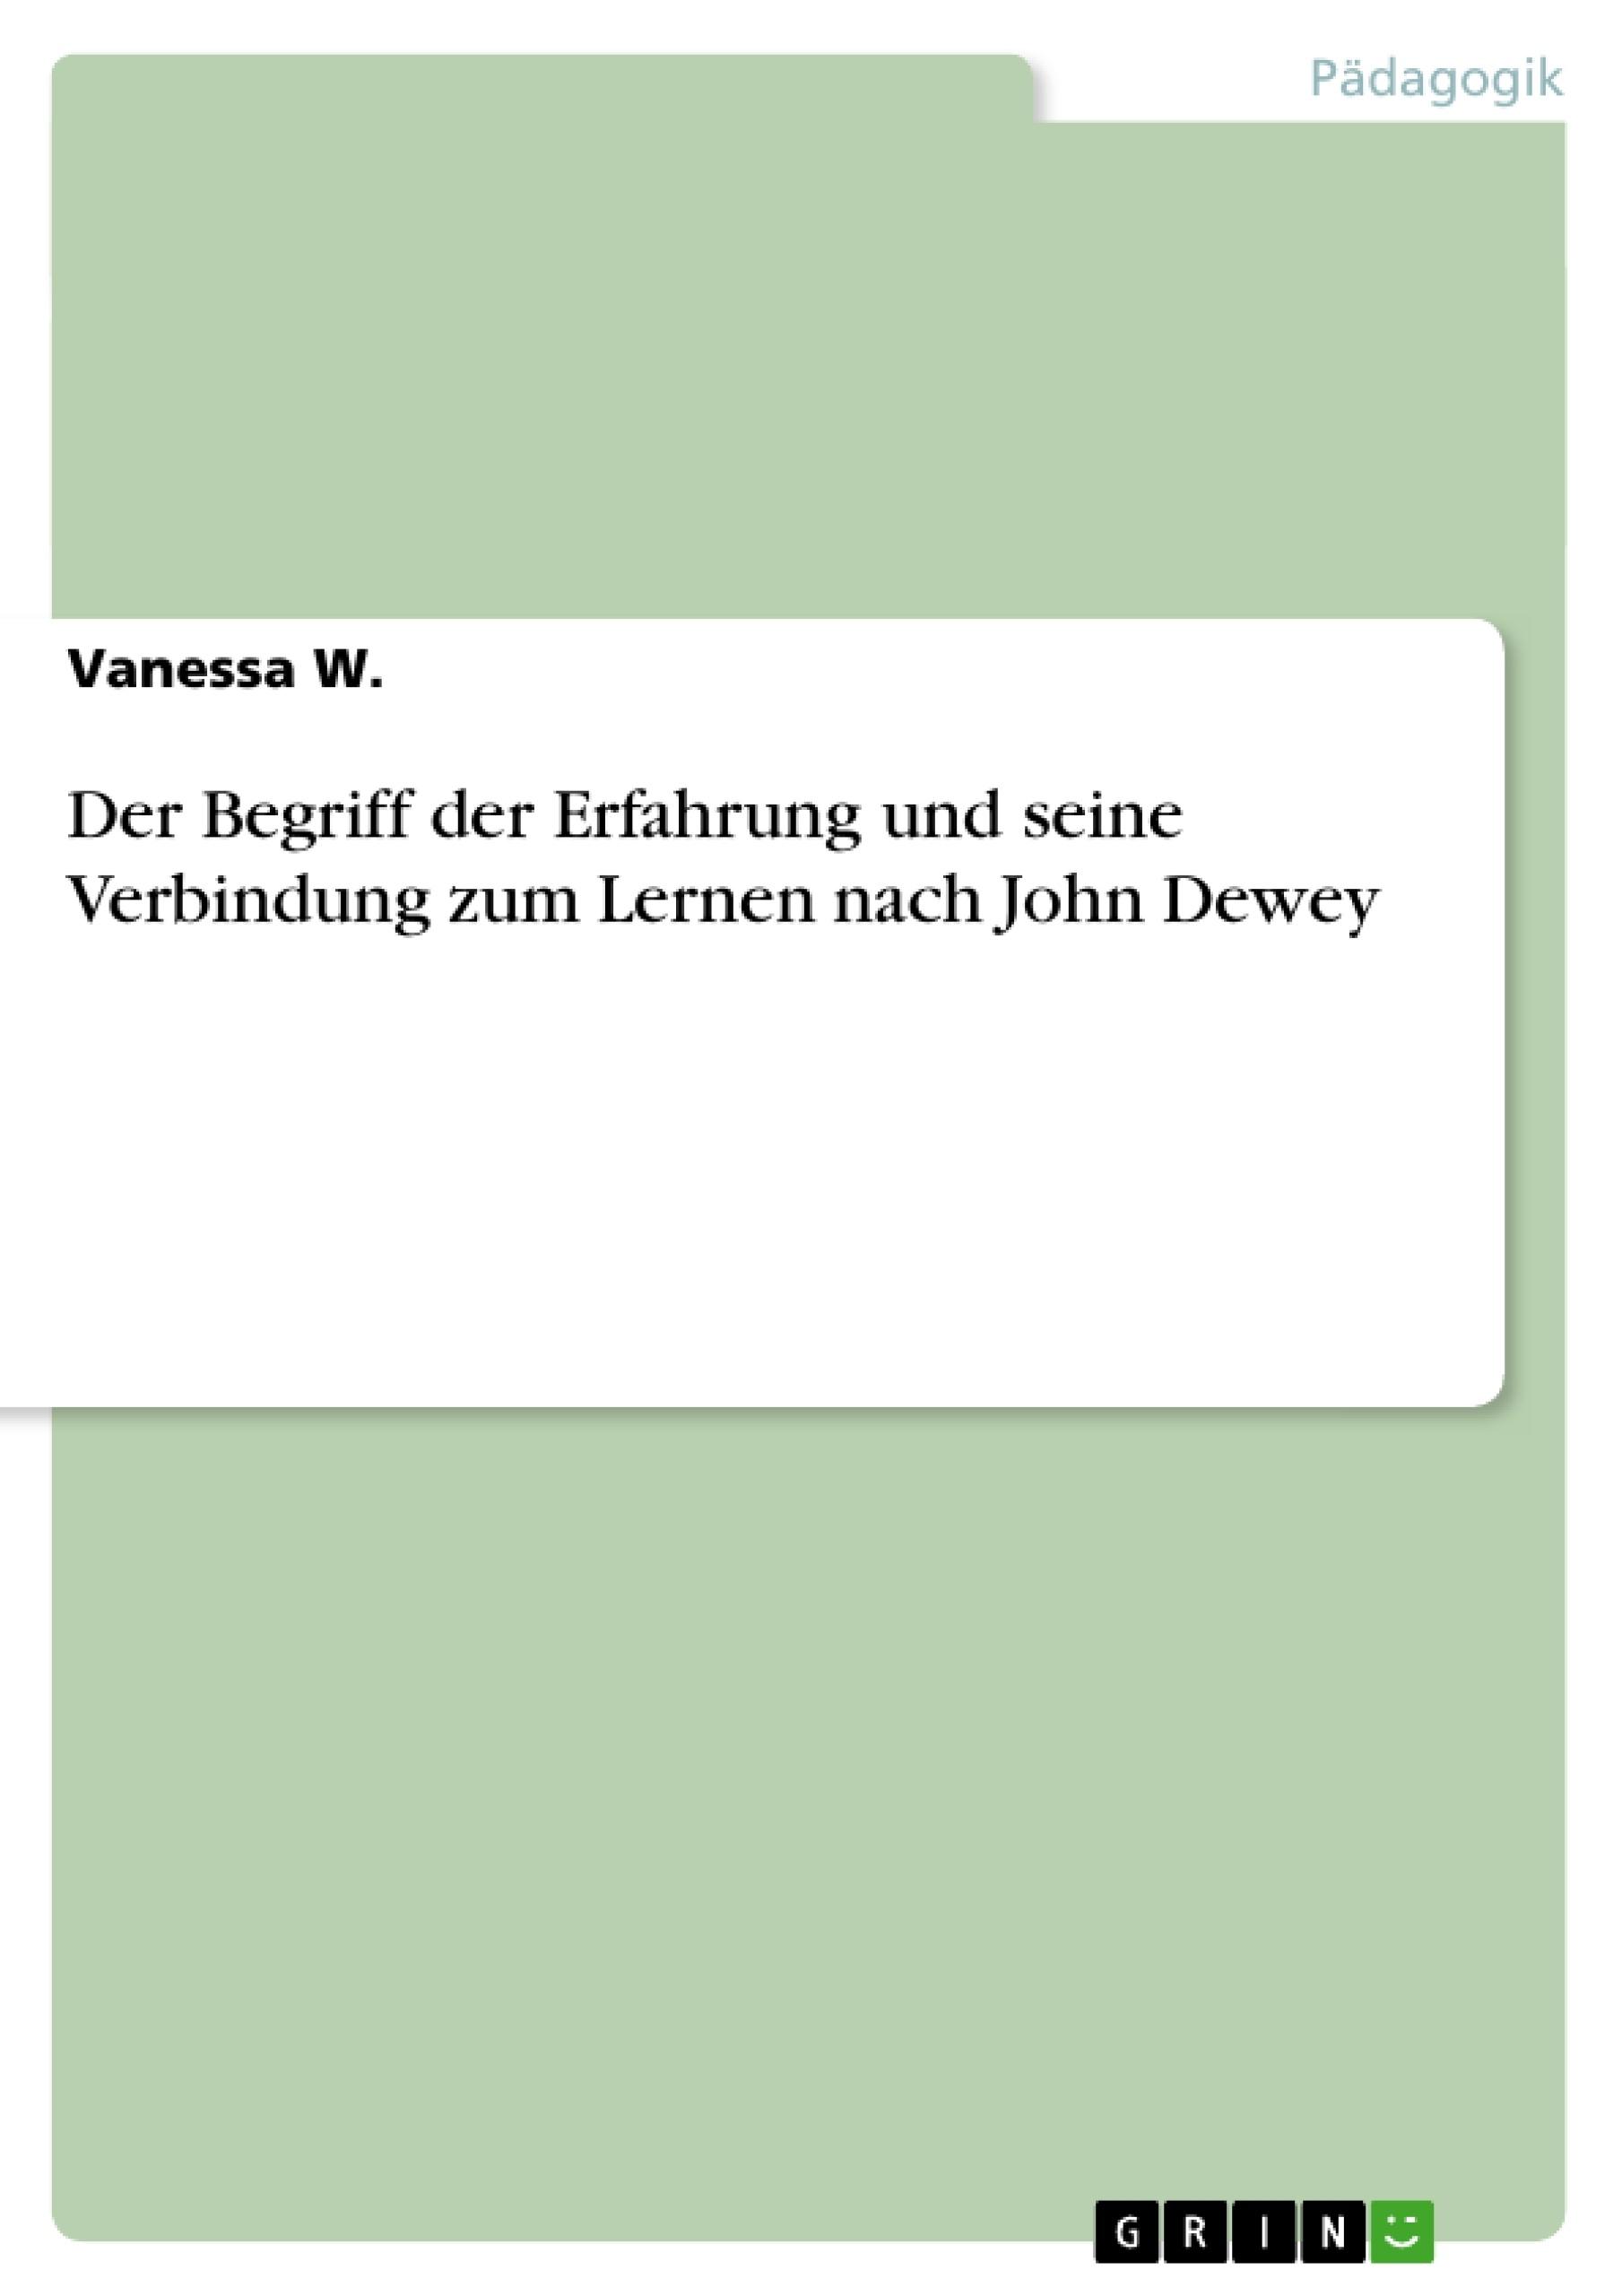 Titel: Der Begriff der Erfahrung und seine Verbindung zum Lernen nach John Dewey